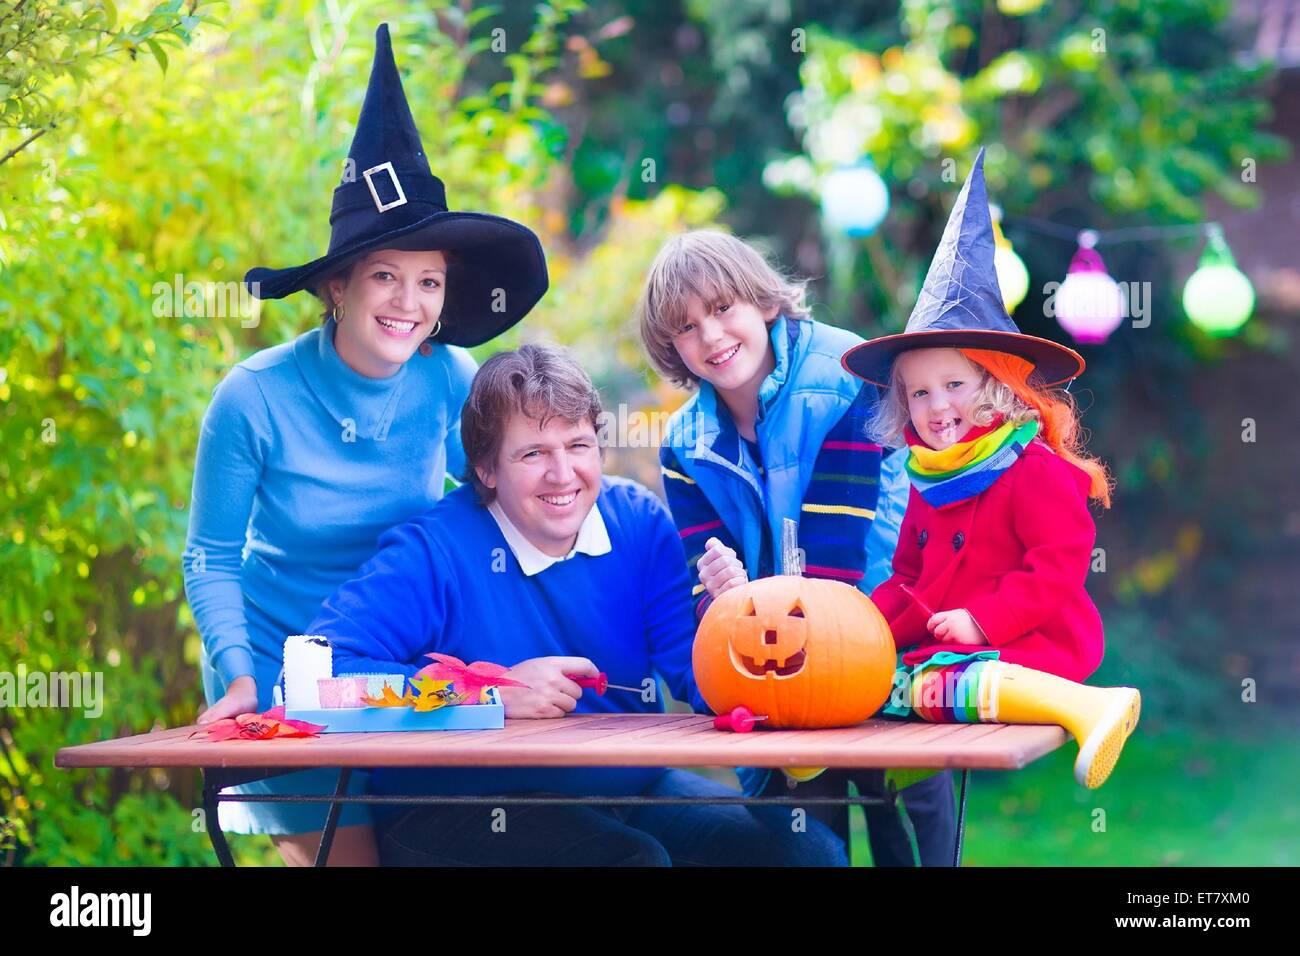 Glückliche Familie, Eltern mit zwei Kindern tragen Hexe-Kostüm und Hut feiert Halloween und Kürbis Stockbild